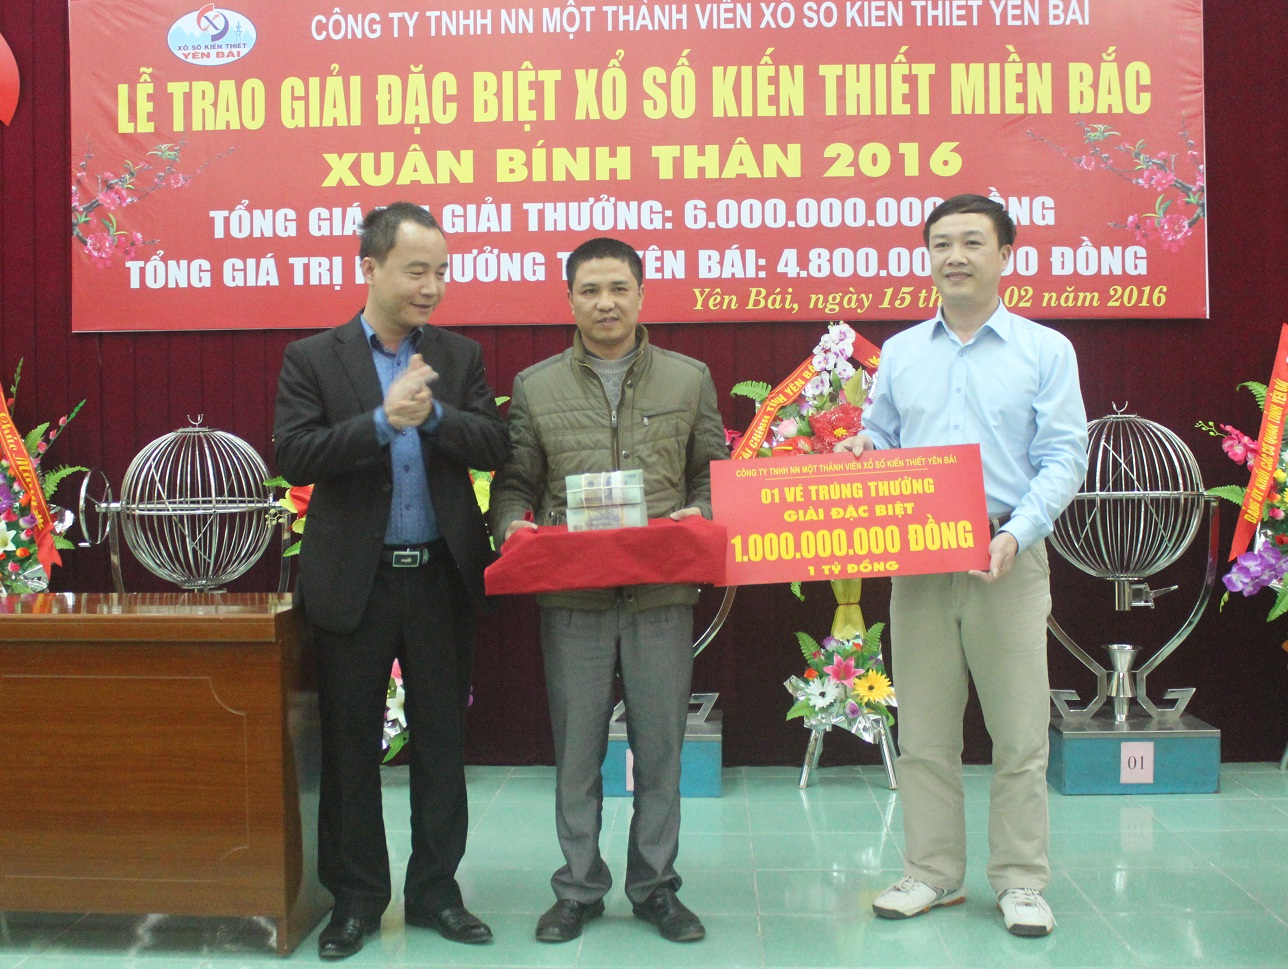 Lễ trao thưởng 1 tỷ đồng XSKT miền Bắc